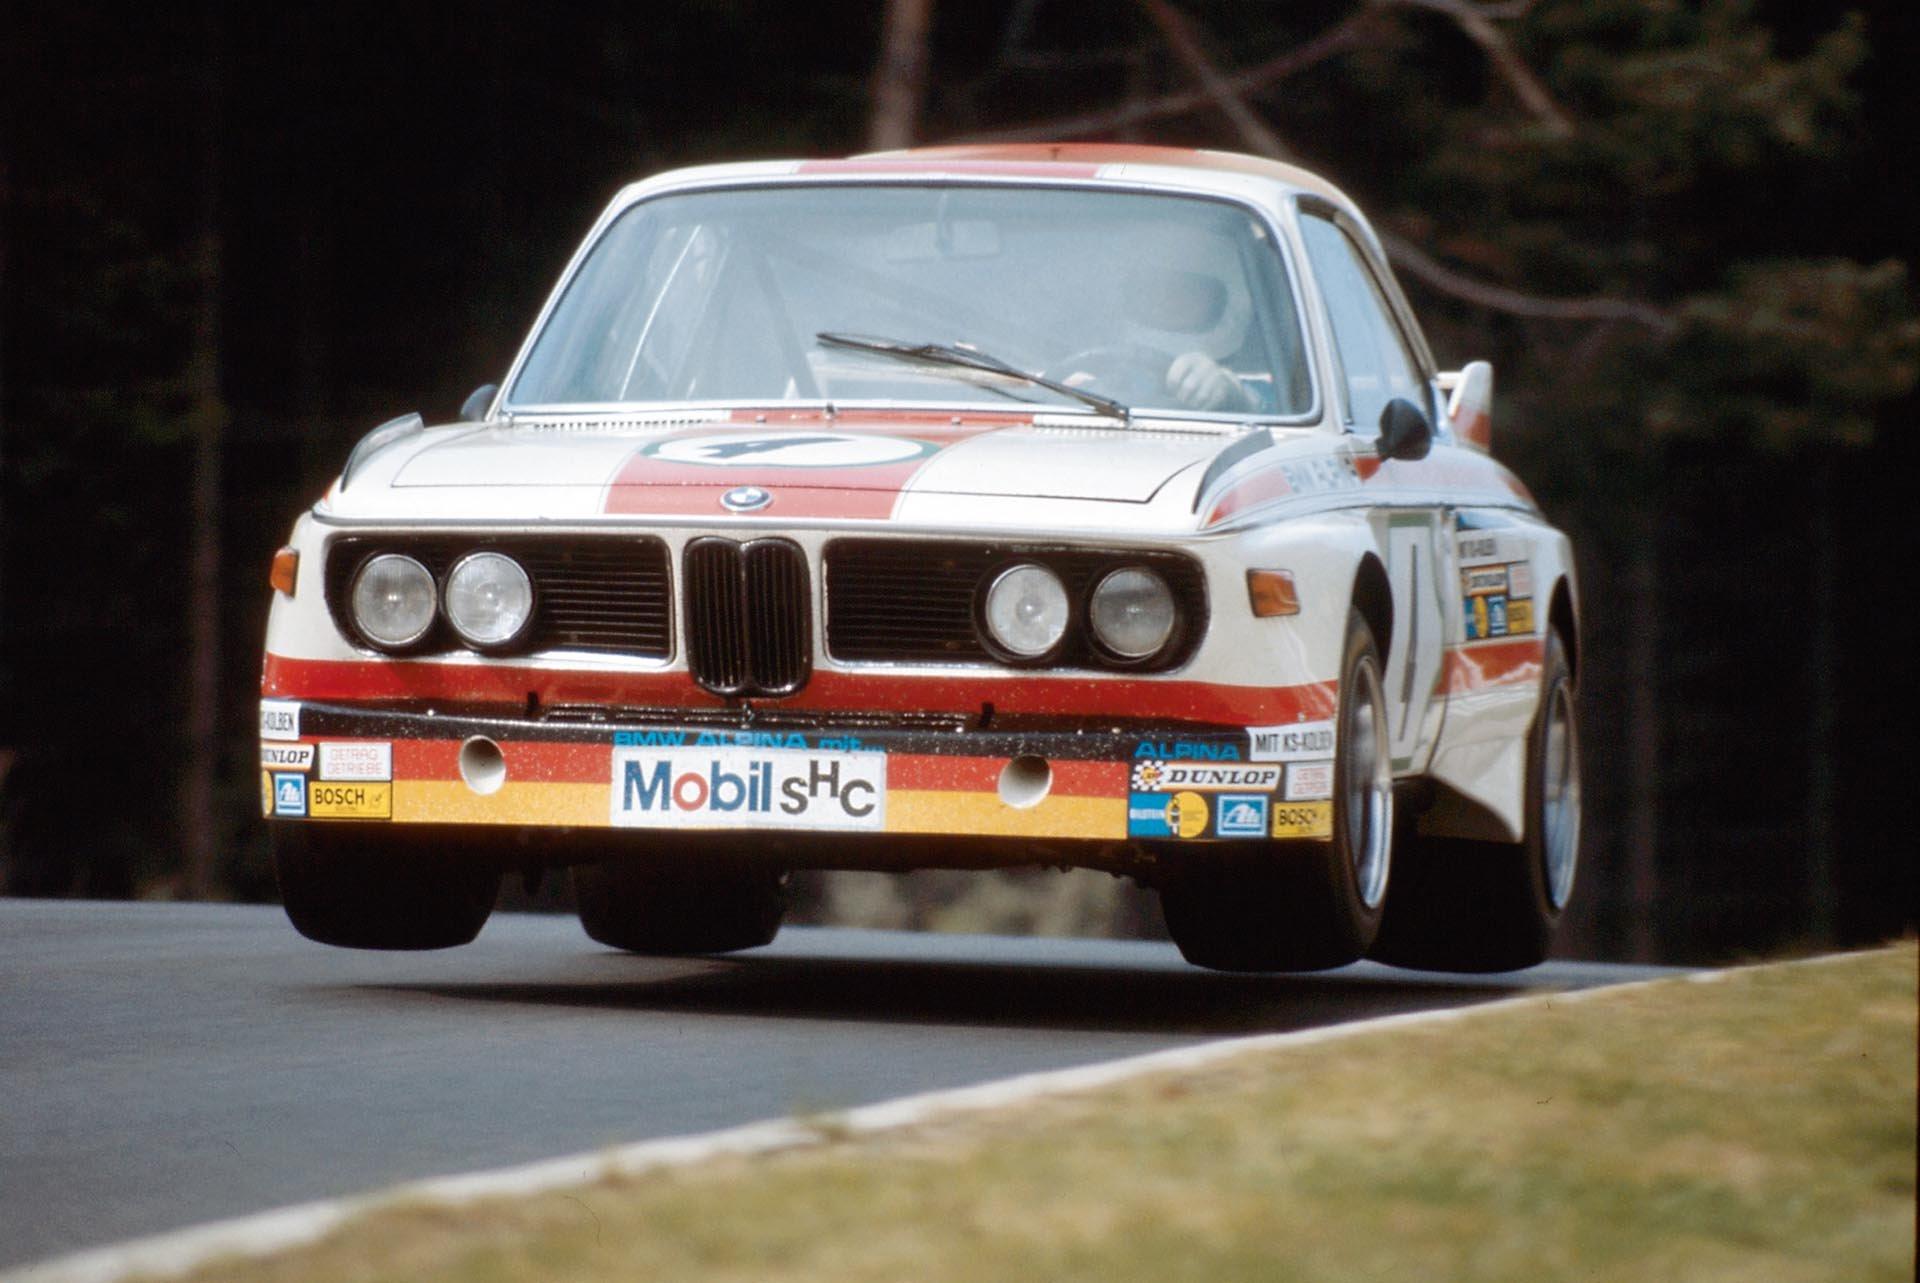 02_BMW 3.0 CSL jump